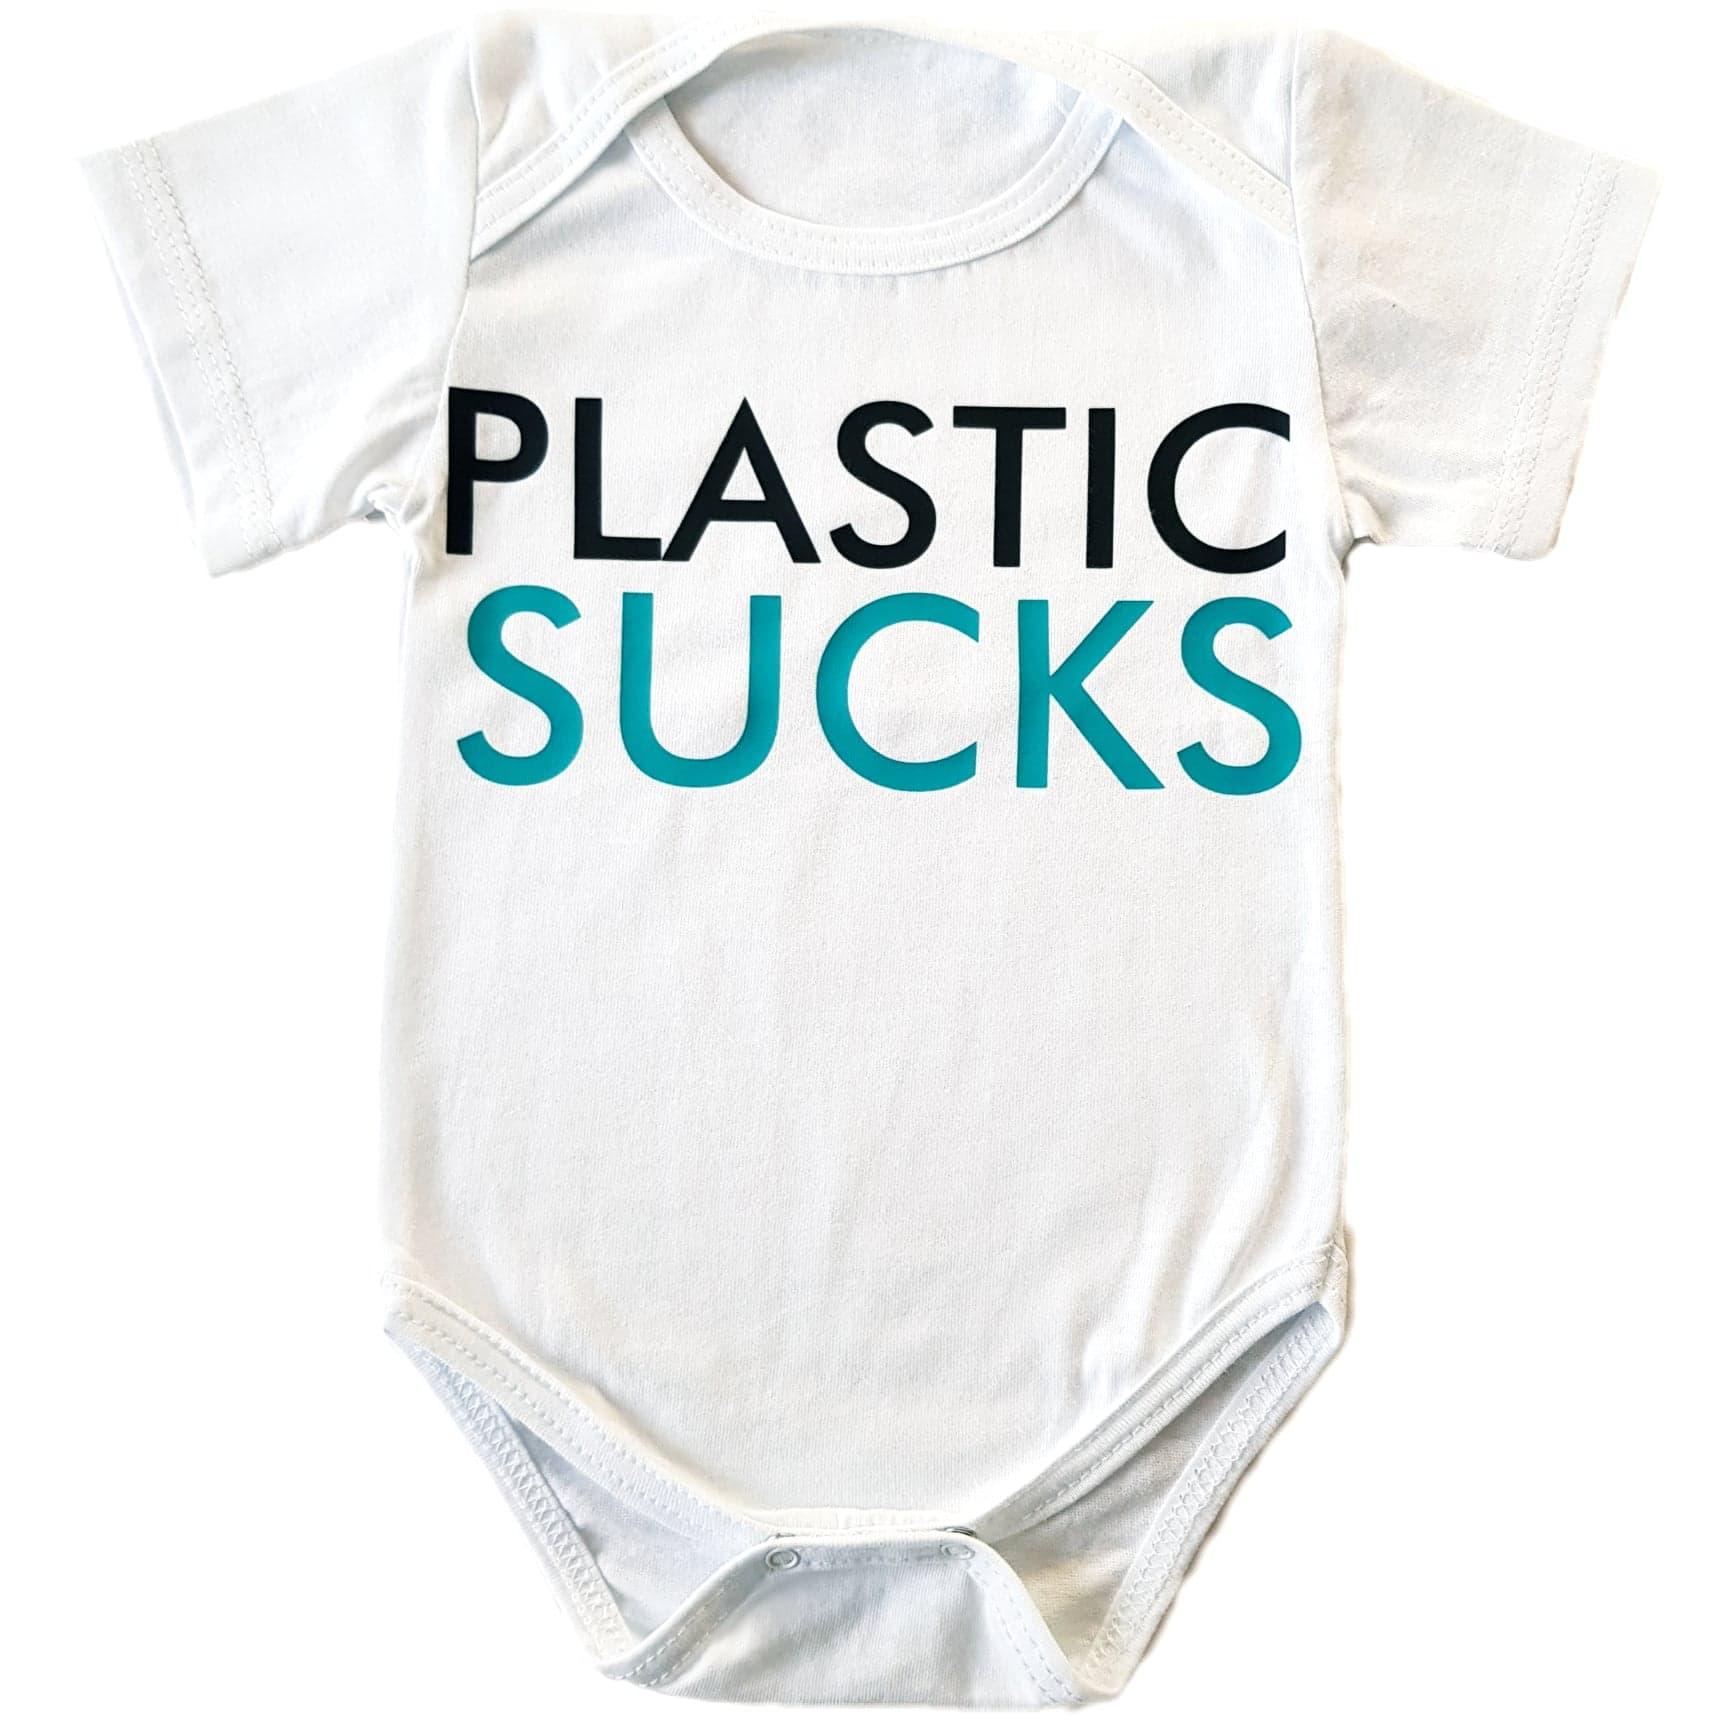 SCUTECE-DERMATITA-ATOPICA-NATY-PLASTIC-SUCKS-BODY-BEBE